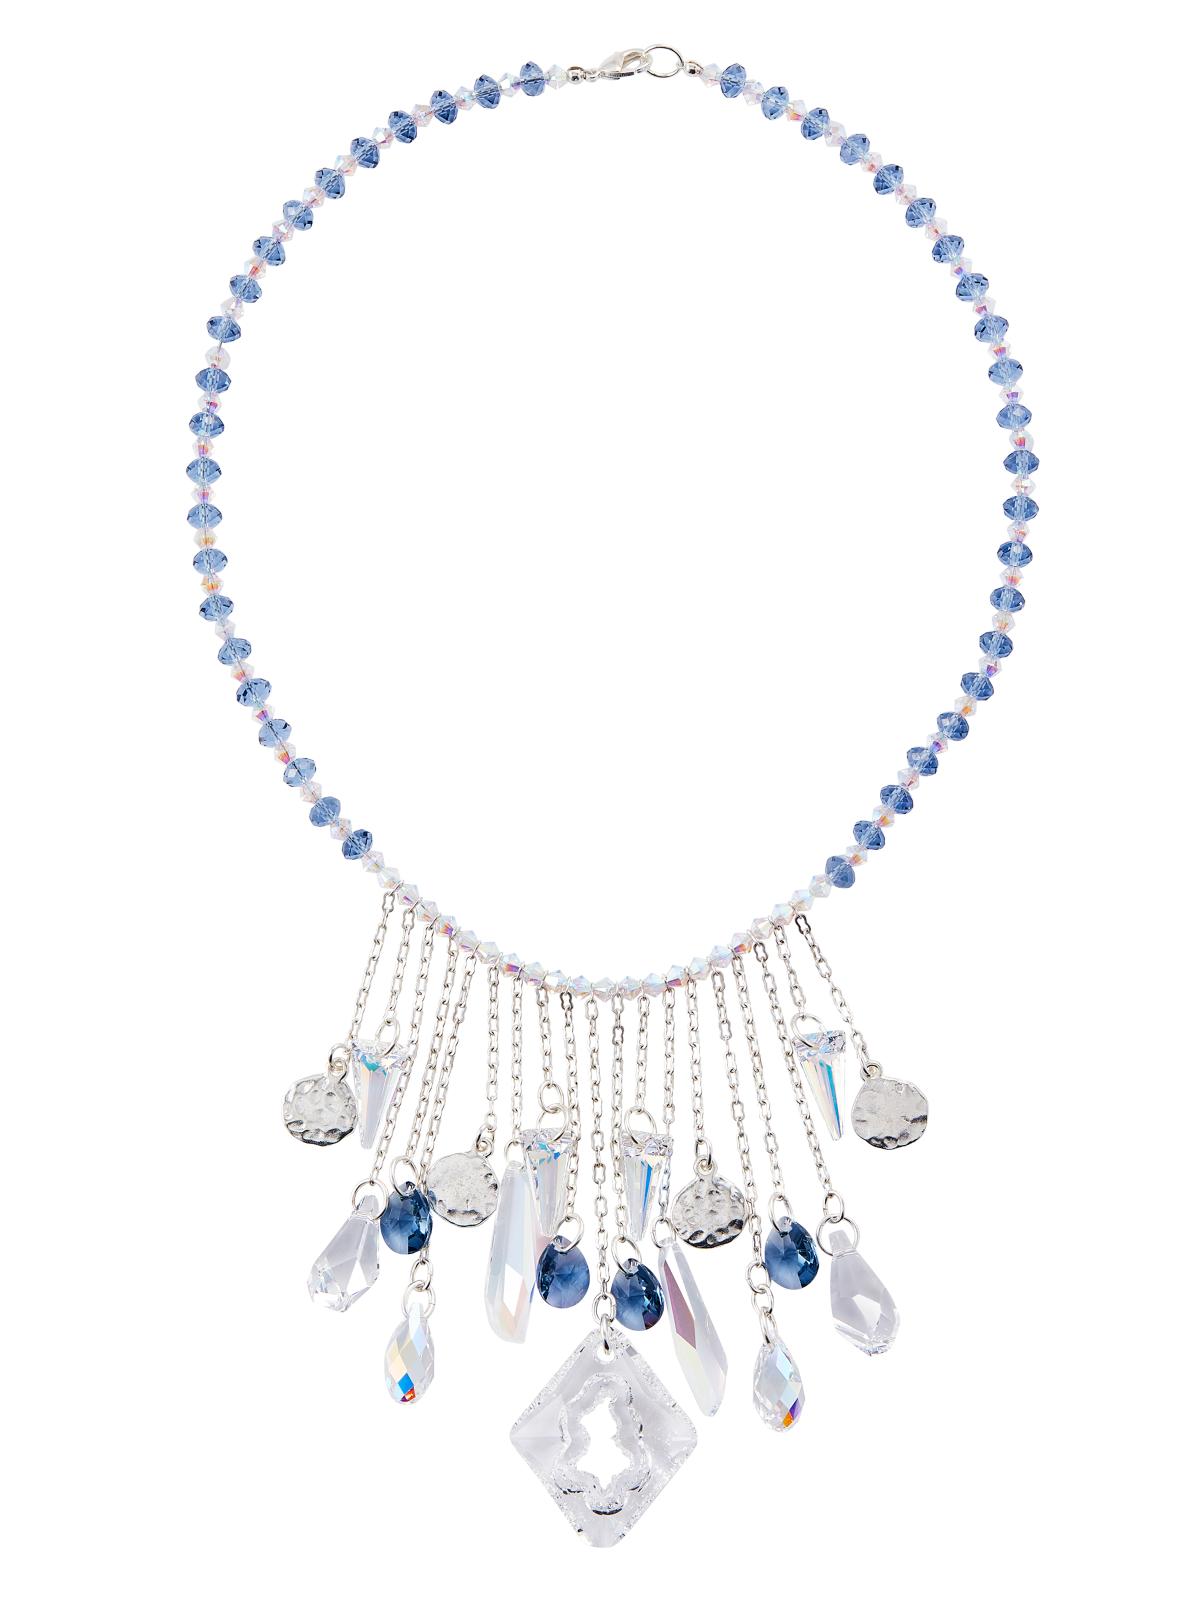 austria-necklace-1200px.png